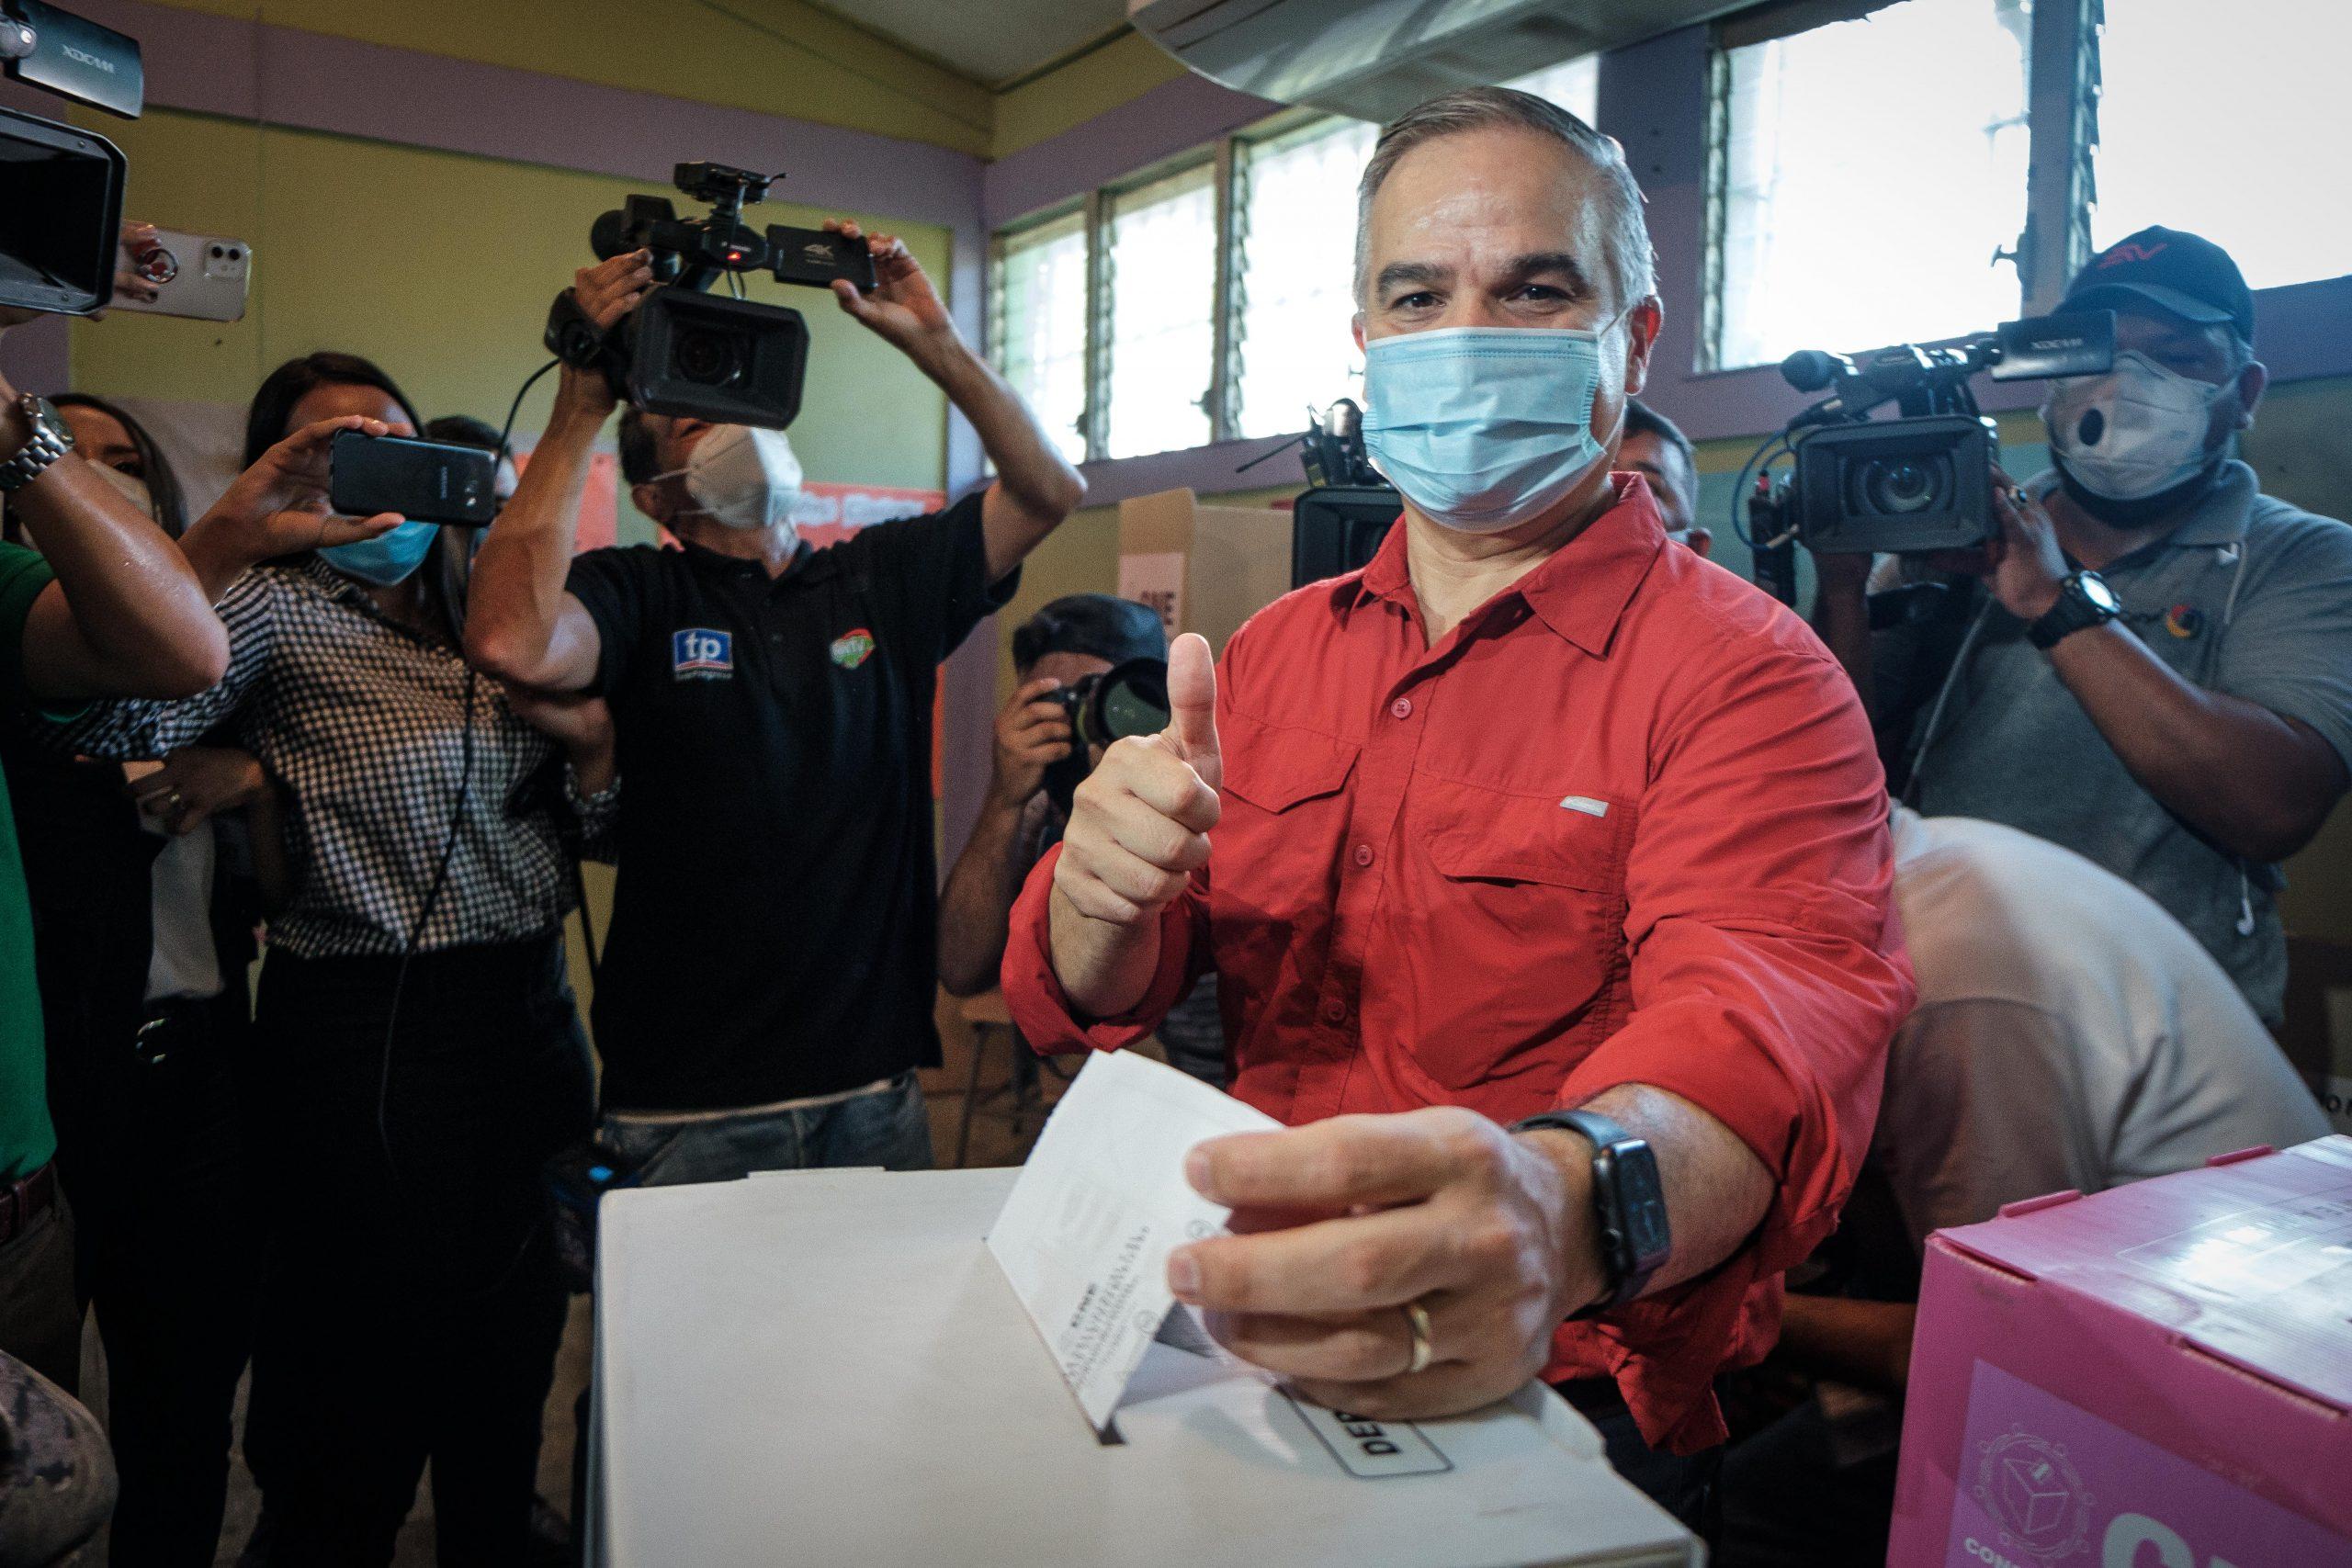 Yani Rosenthal, precandidato del Partido Liberal deposita su voto durante las elecciones primarias de 2021. El precandidato liberal ejerció el sufragio en la escuela Dionisio de Herrera. San Pedro Sula, 14 de marzo de 2021. Foto: Deiby Yanes.